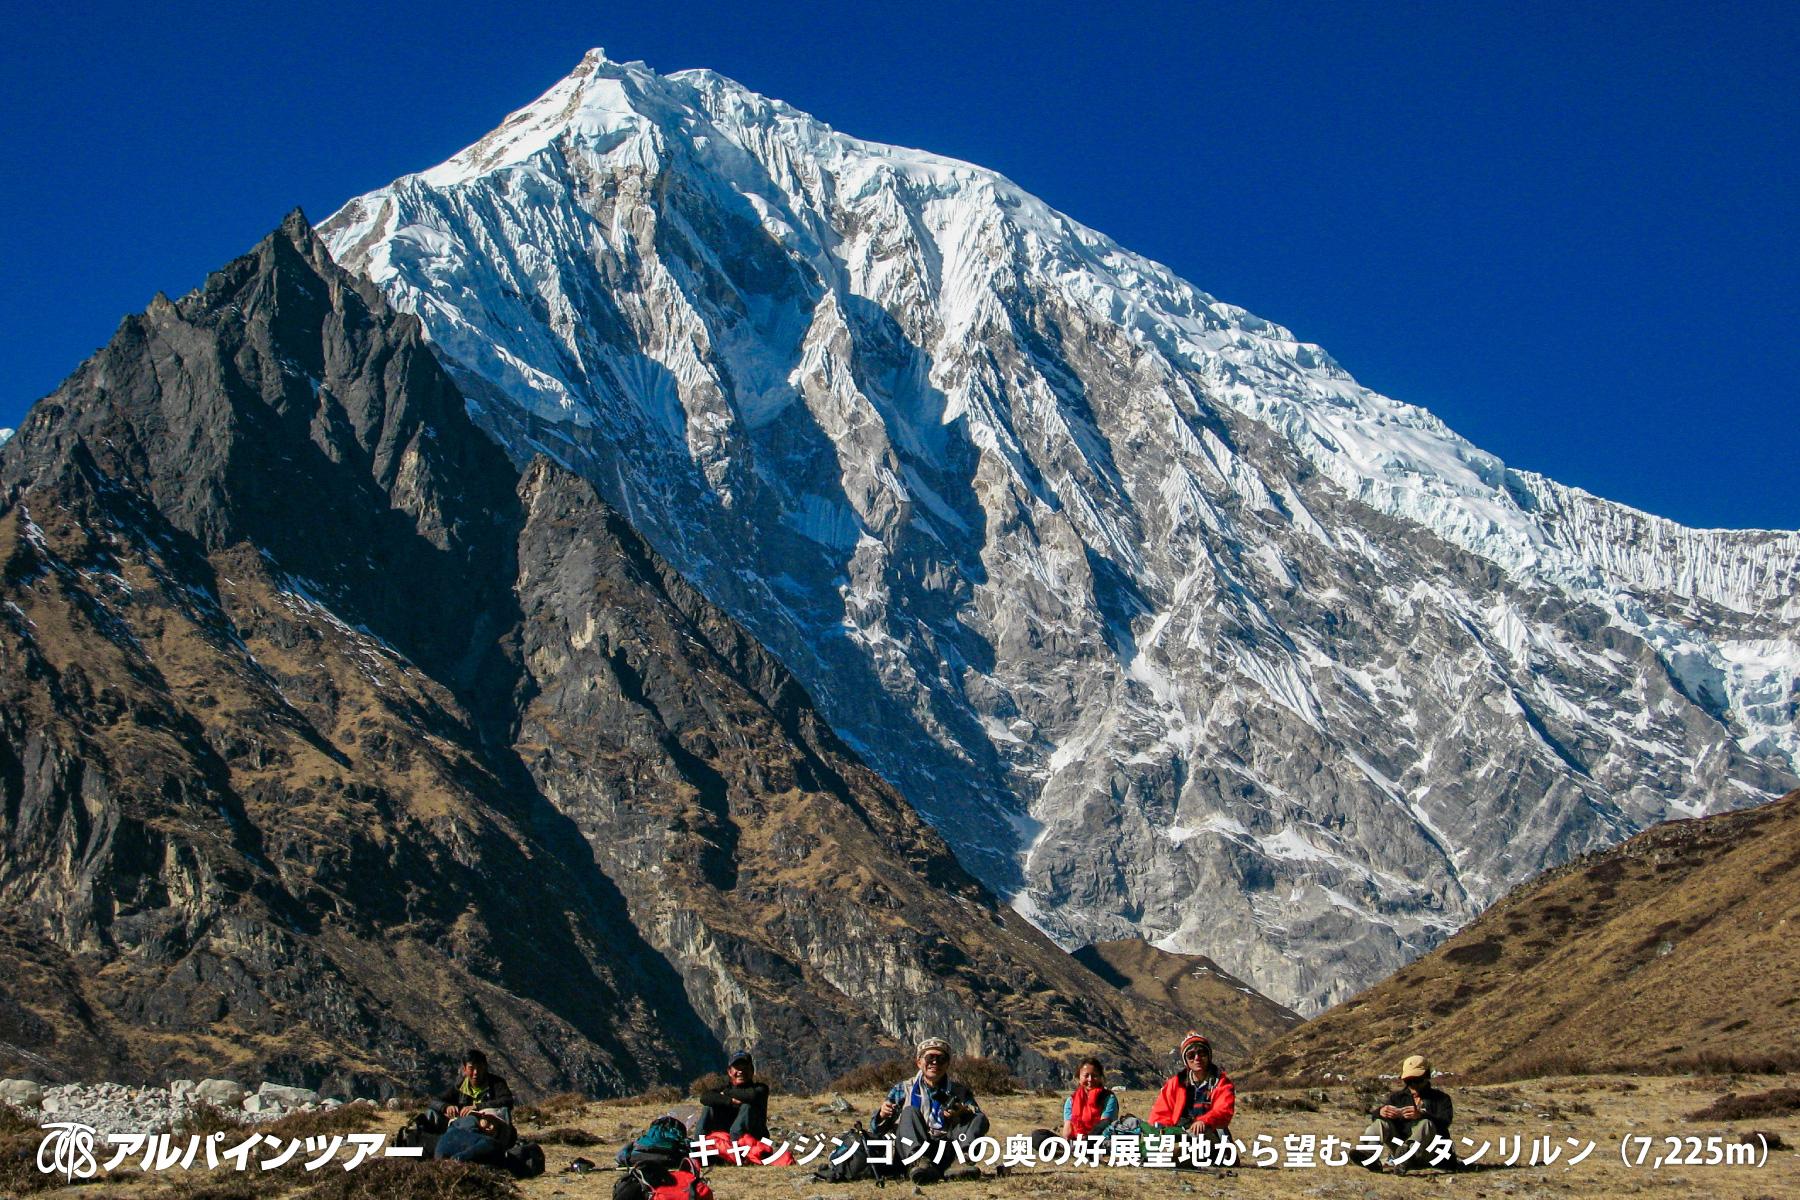 【エリア紹介】 世界で最も美しい谷と称されたランタン谷(ネパール)